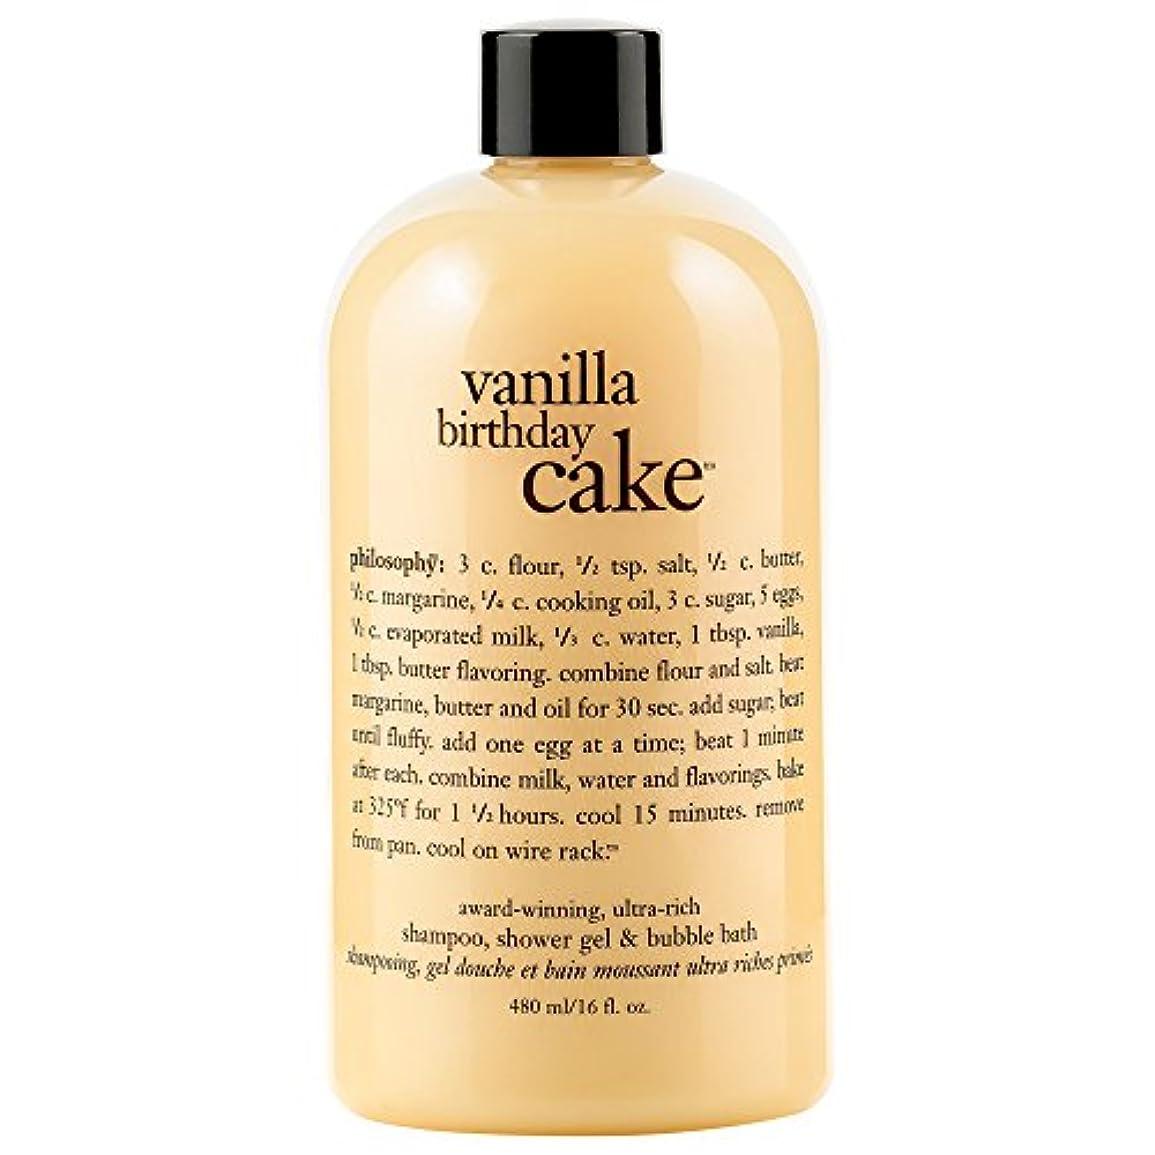 花束ささやきママ哲学バニラバースデーケーキシャンプー/シャワージェル/バブルバス480ミリリットル (Philosophy) (x6) - Philosophy Vanilla Birthday Cake Shampoo/Shower...